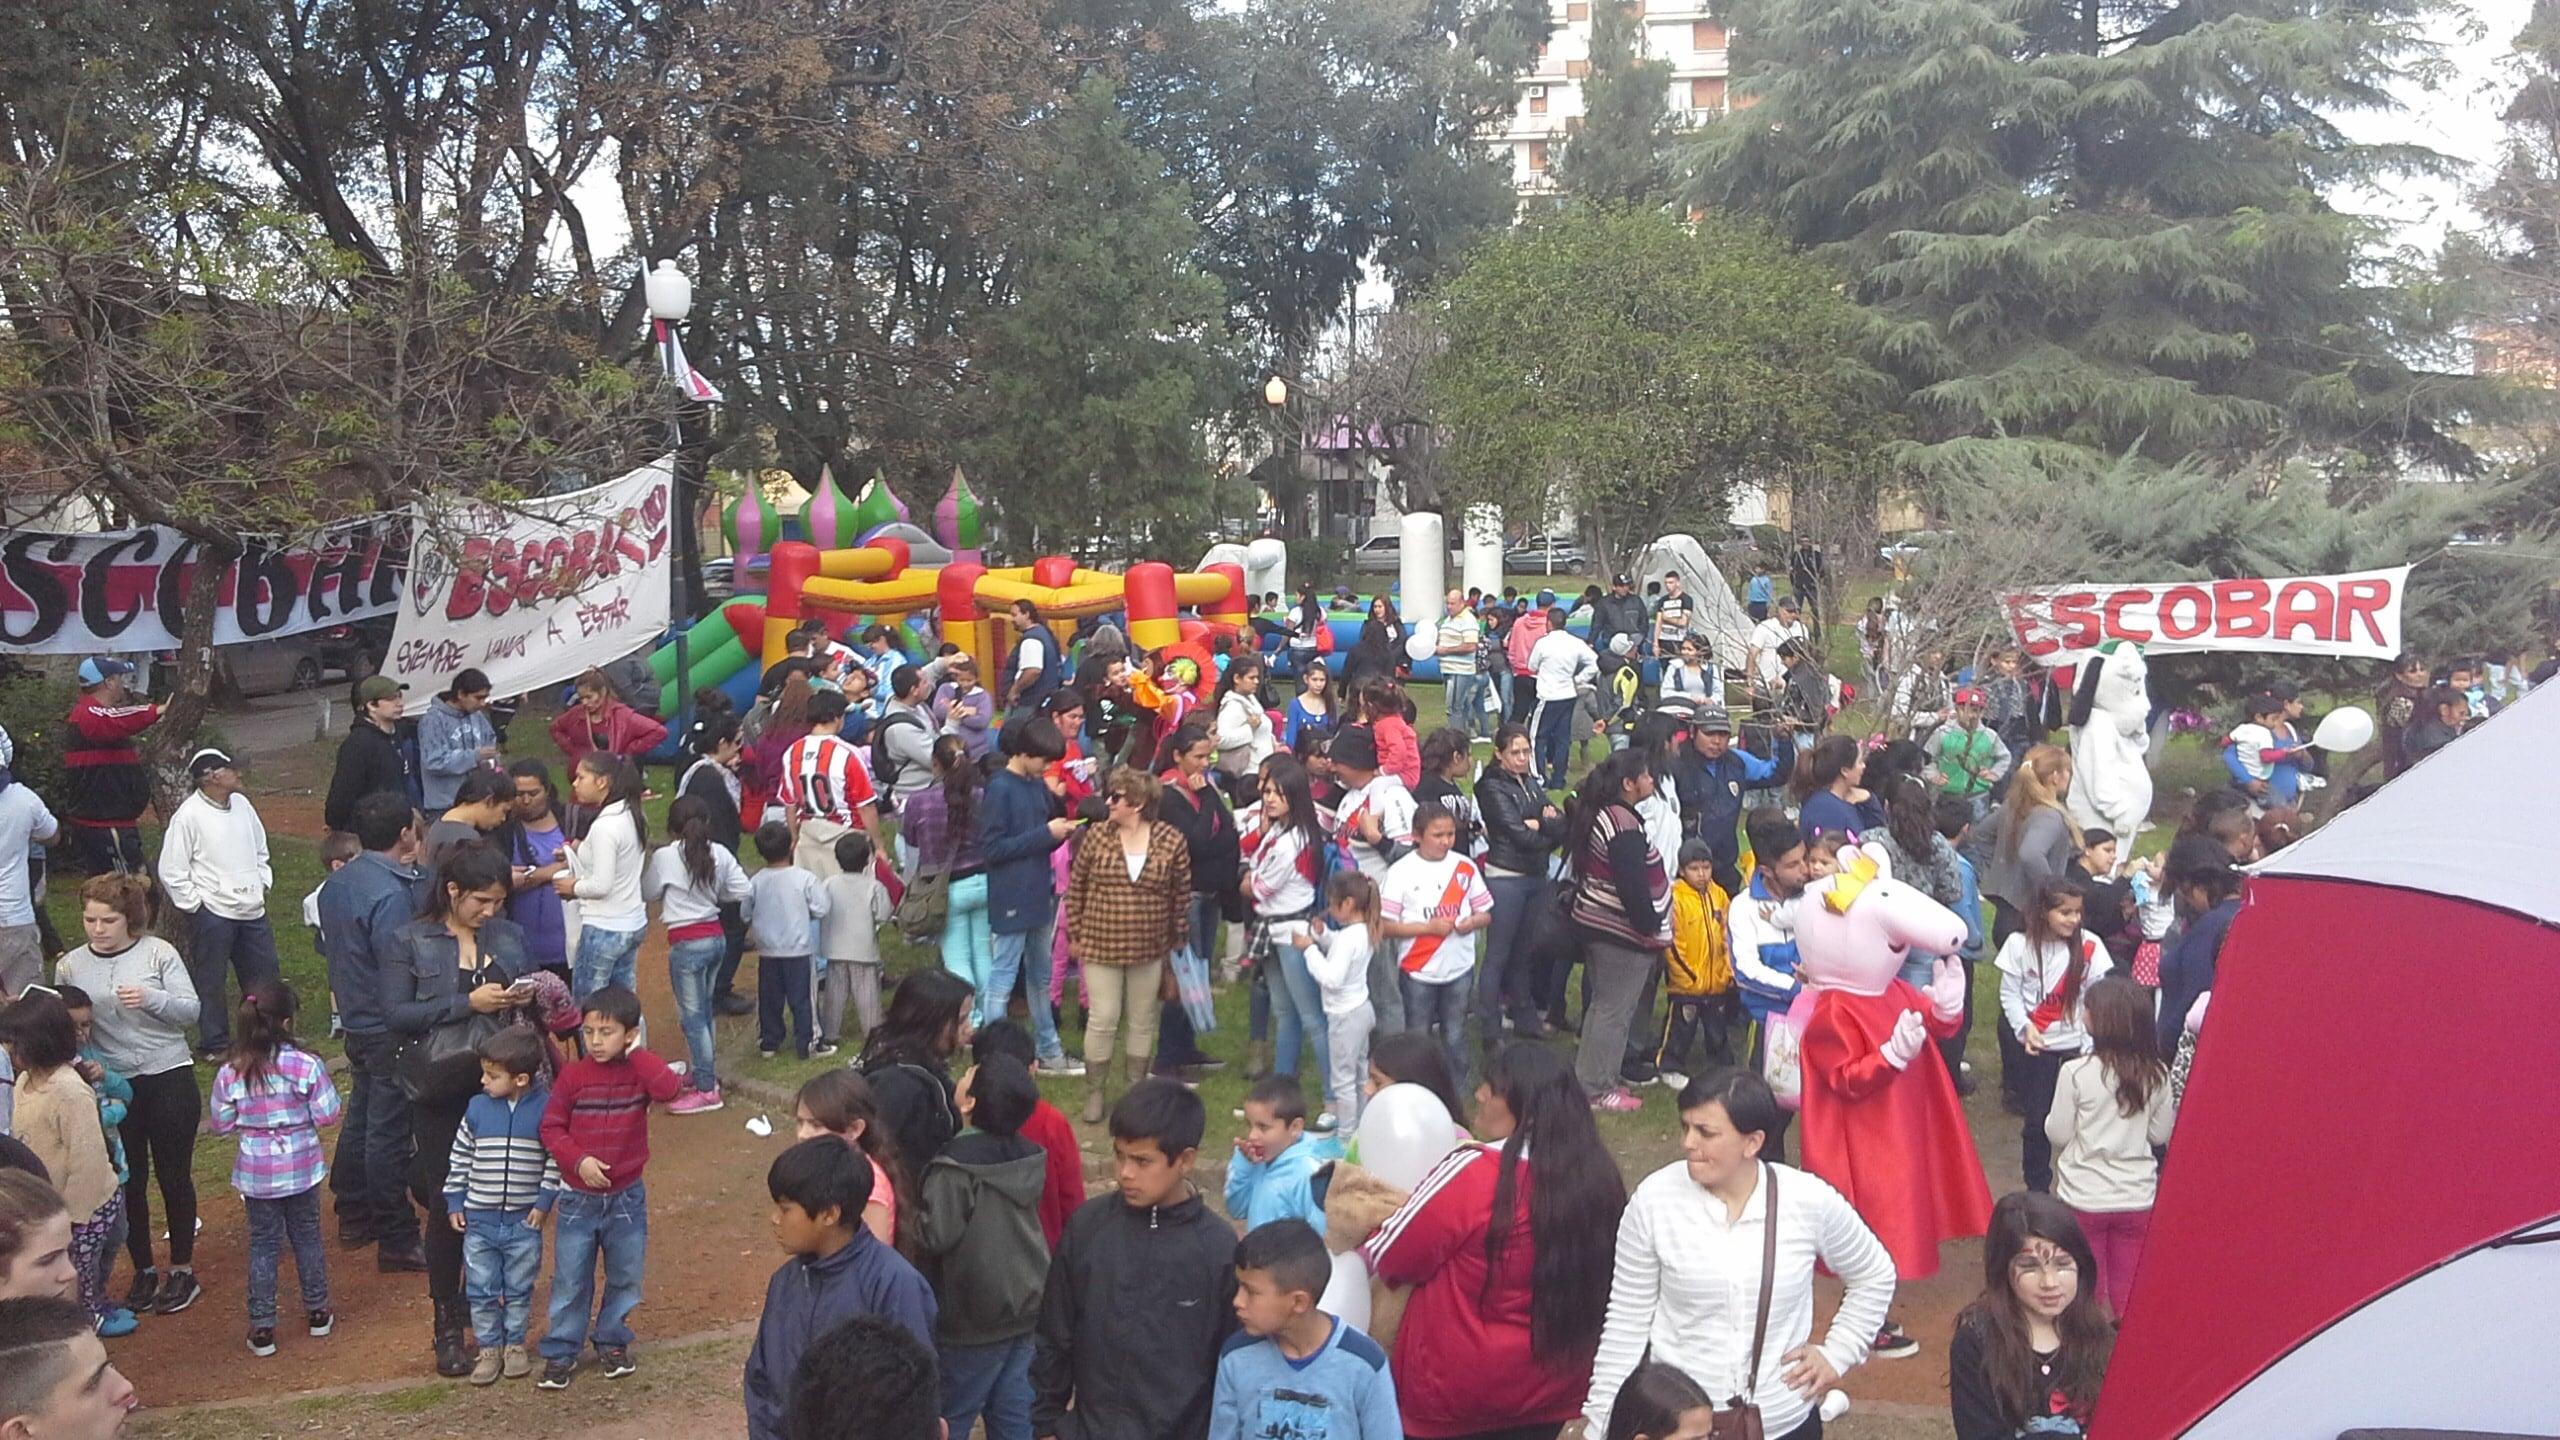 Los chicos disfrutando del festejo de la filial local de River Plate